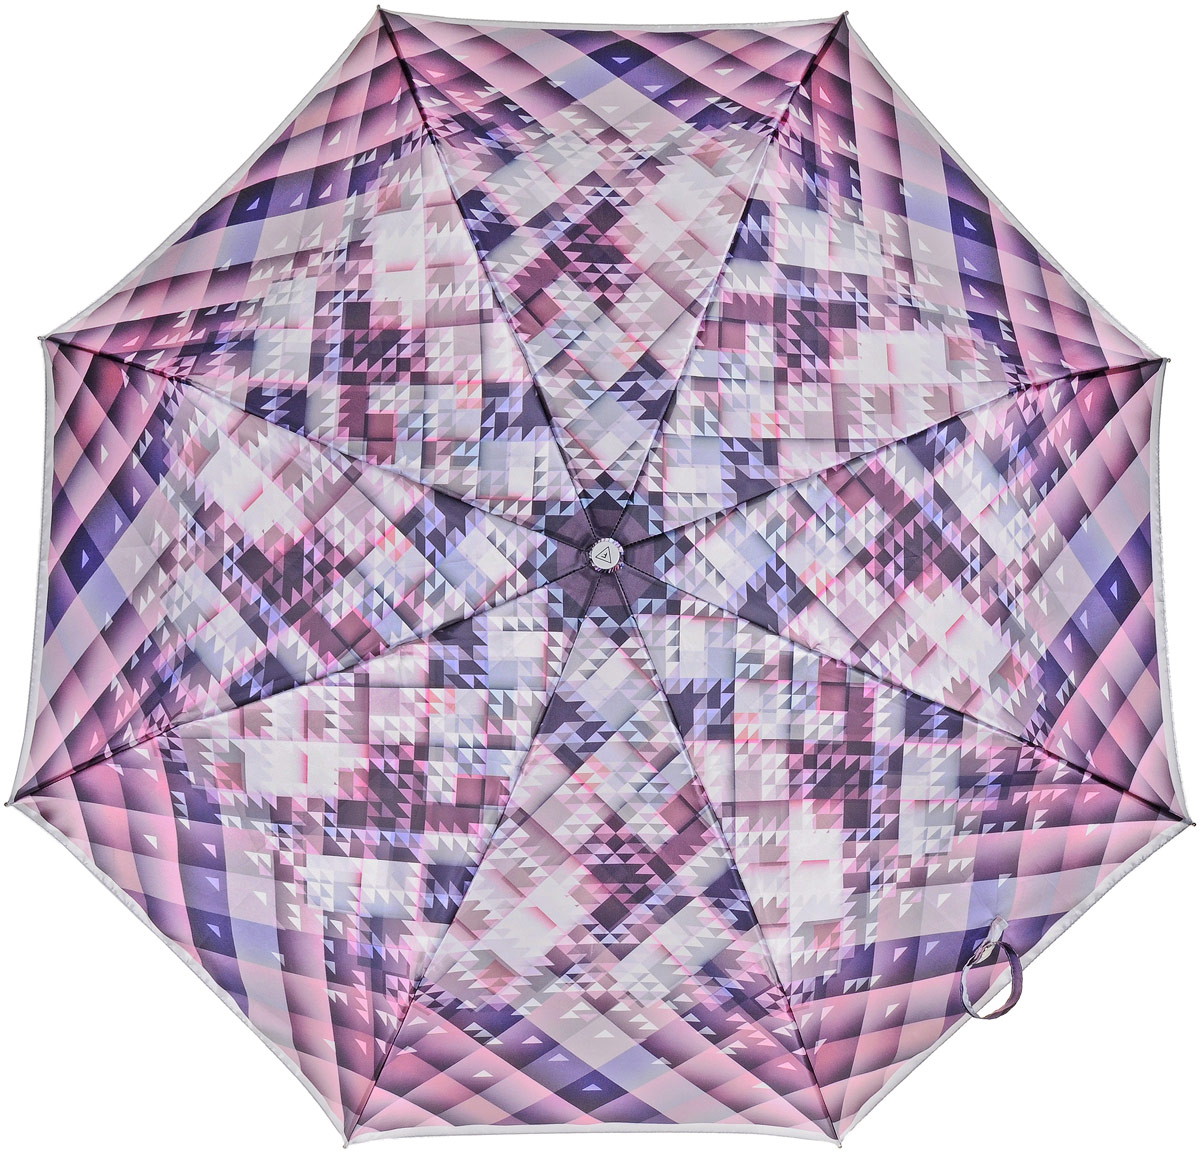 Зонт женский Fabretti, автомат, 3 сложения, цвет: фиолетовый, мультиколор. L-17100-12